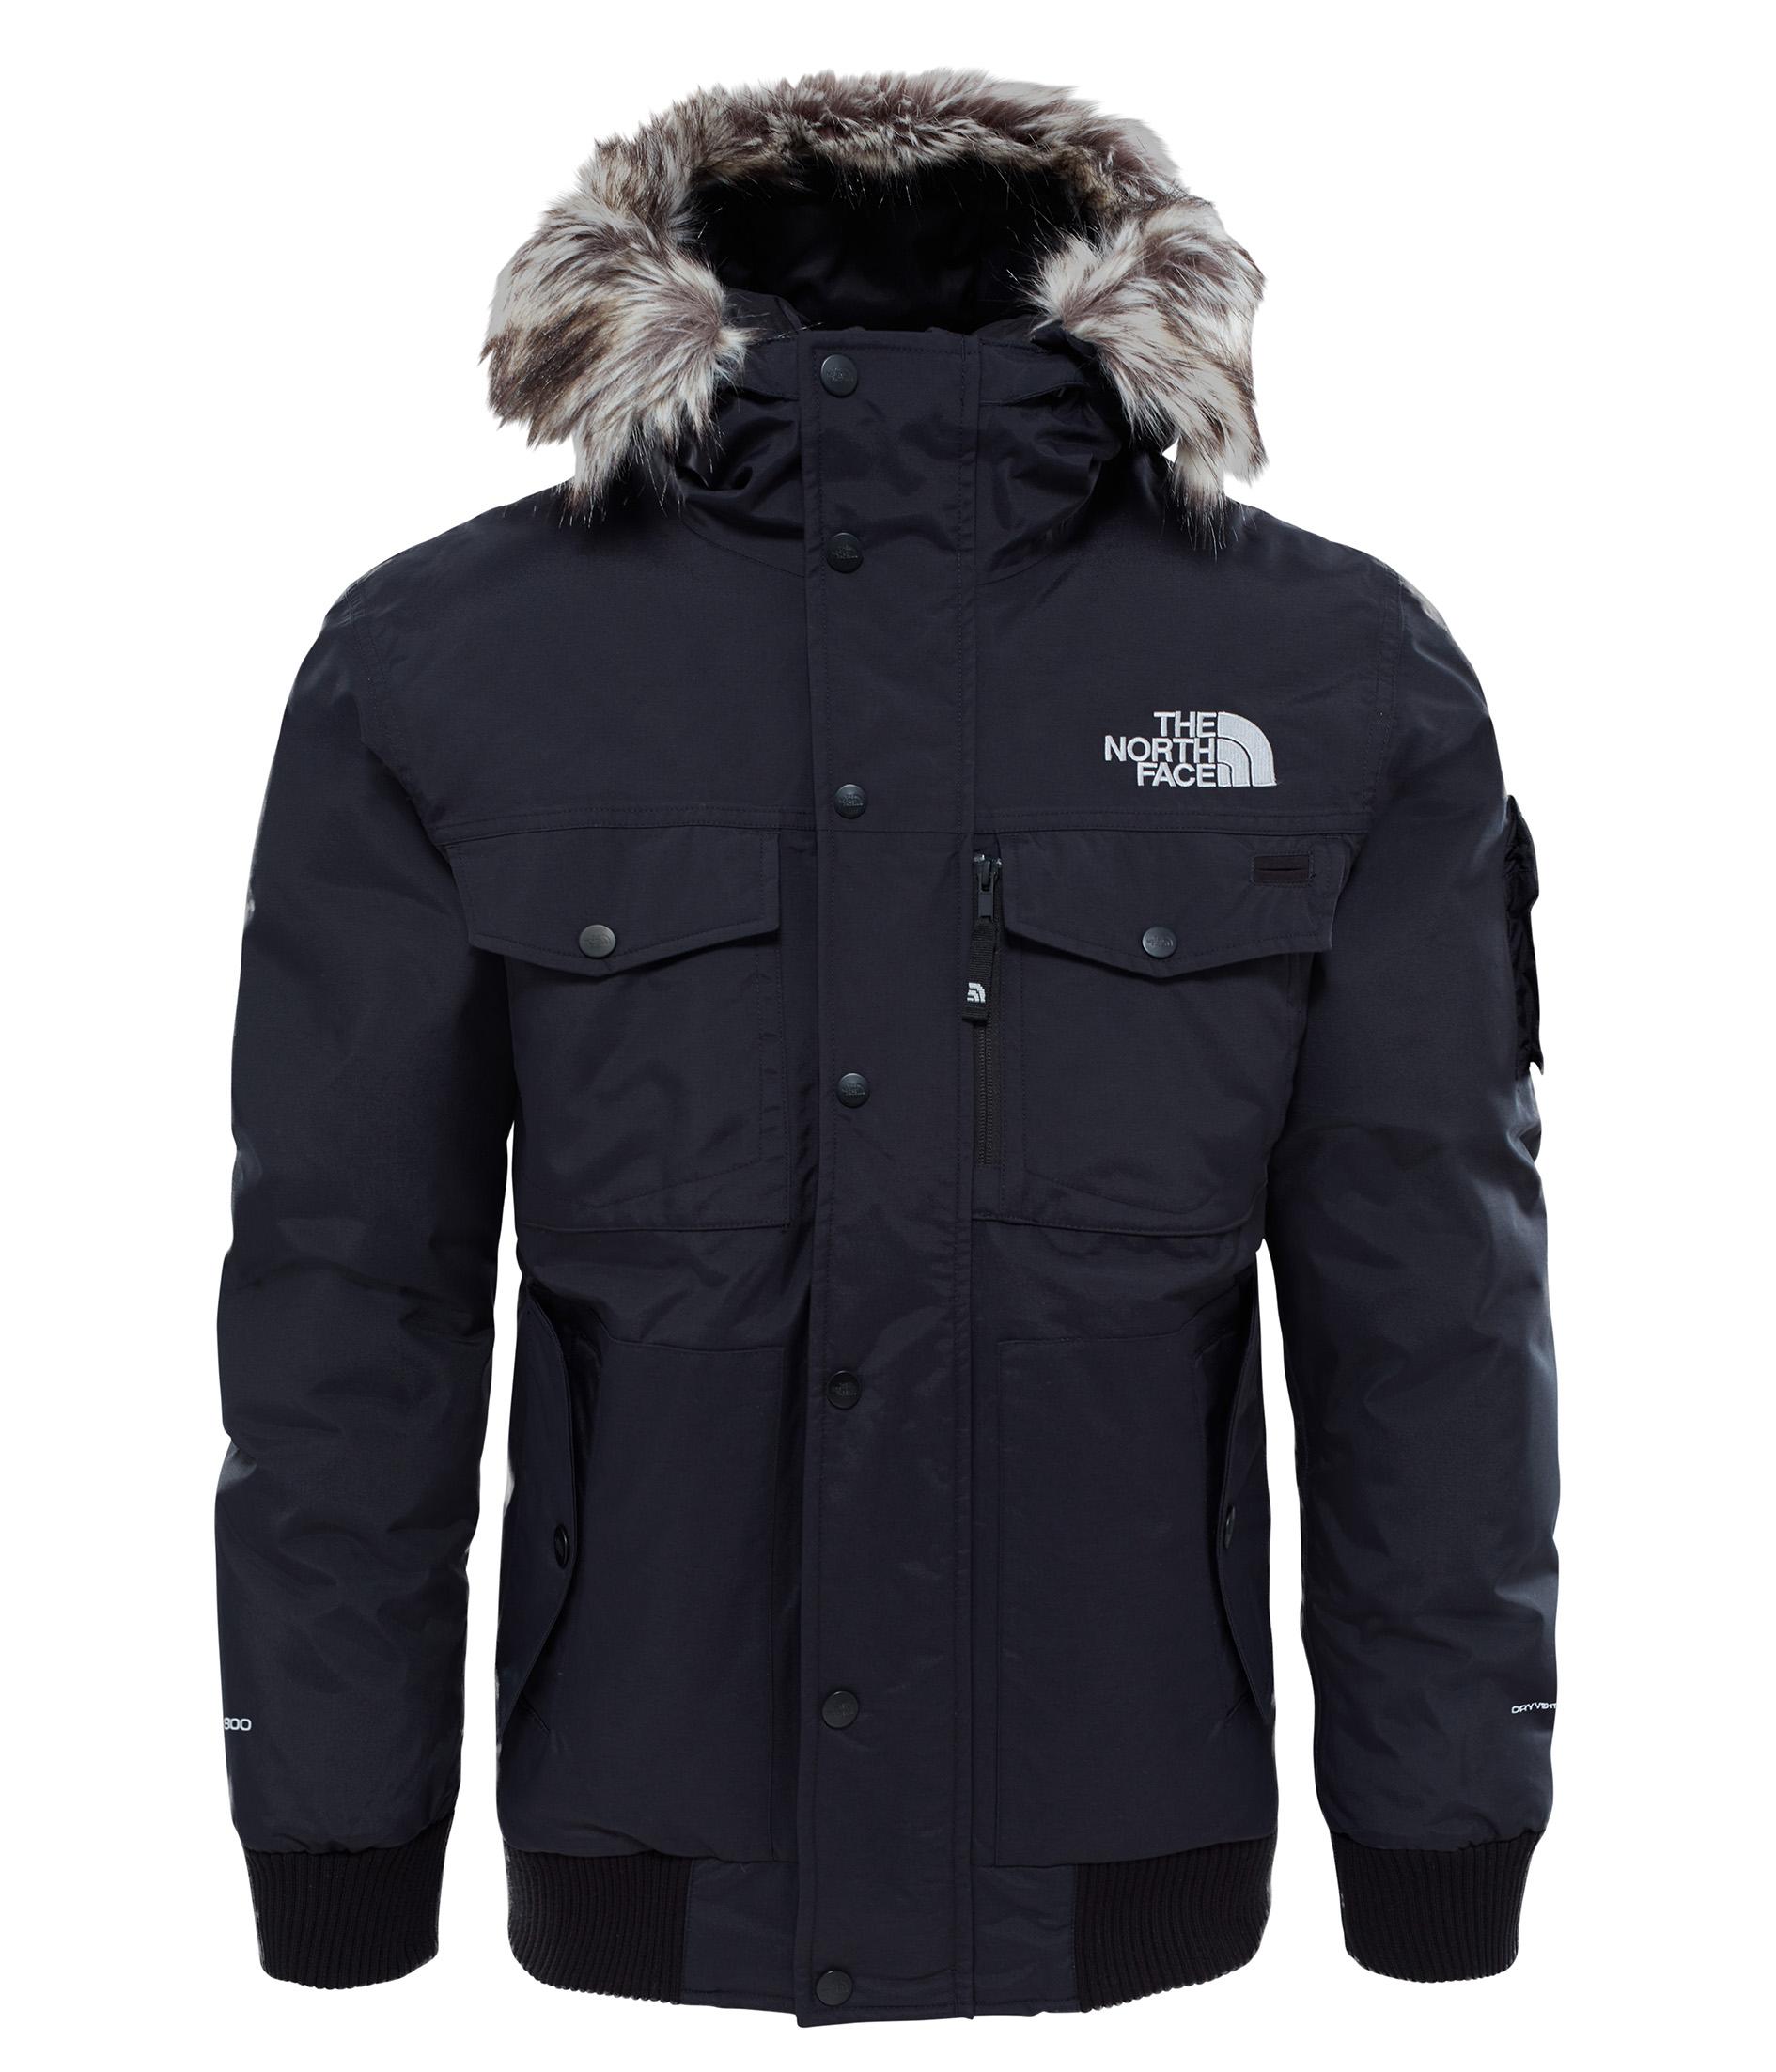 online retailer 13b79 4abad The North Face Herren Gotham Jacket im Biwak Onlineshop kaufen